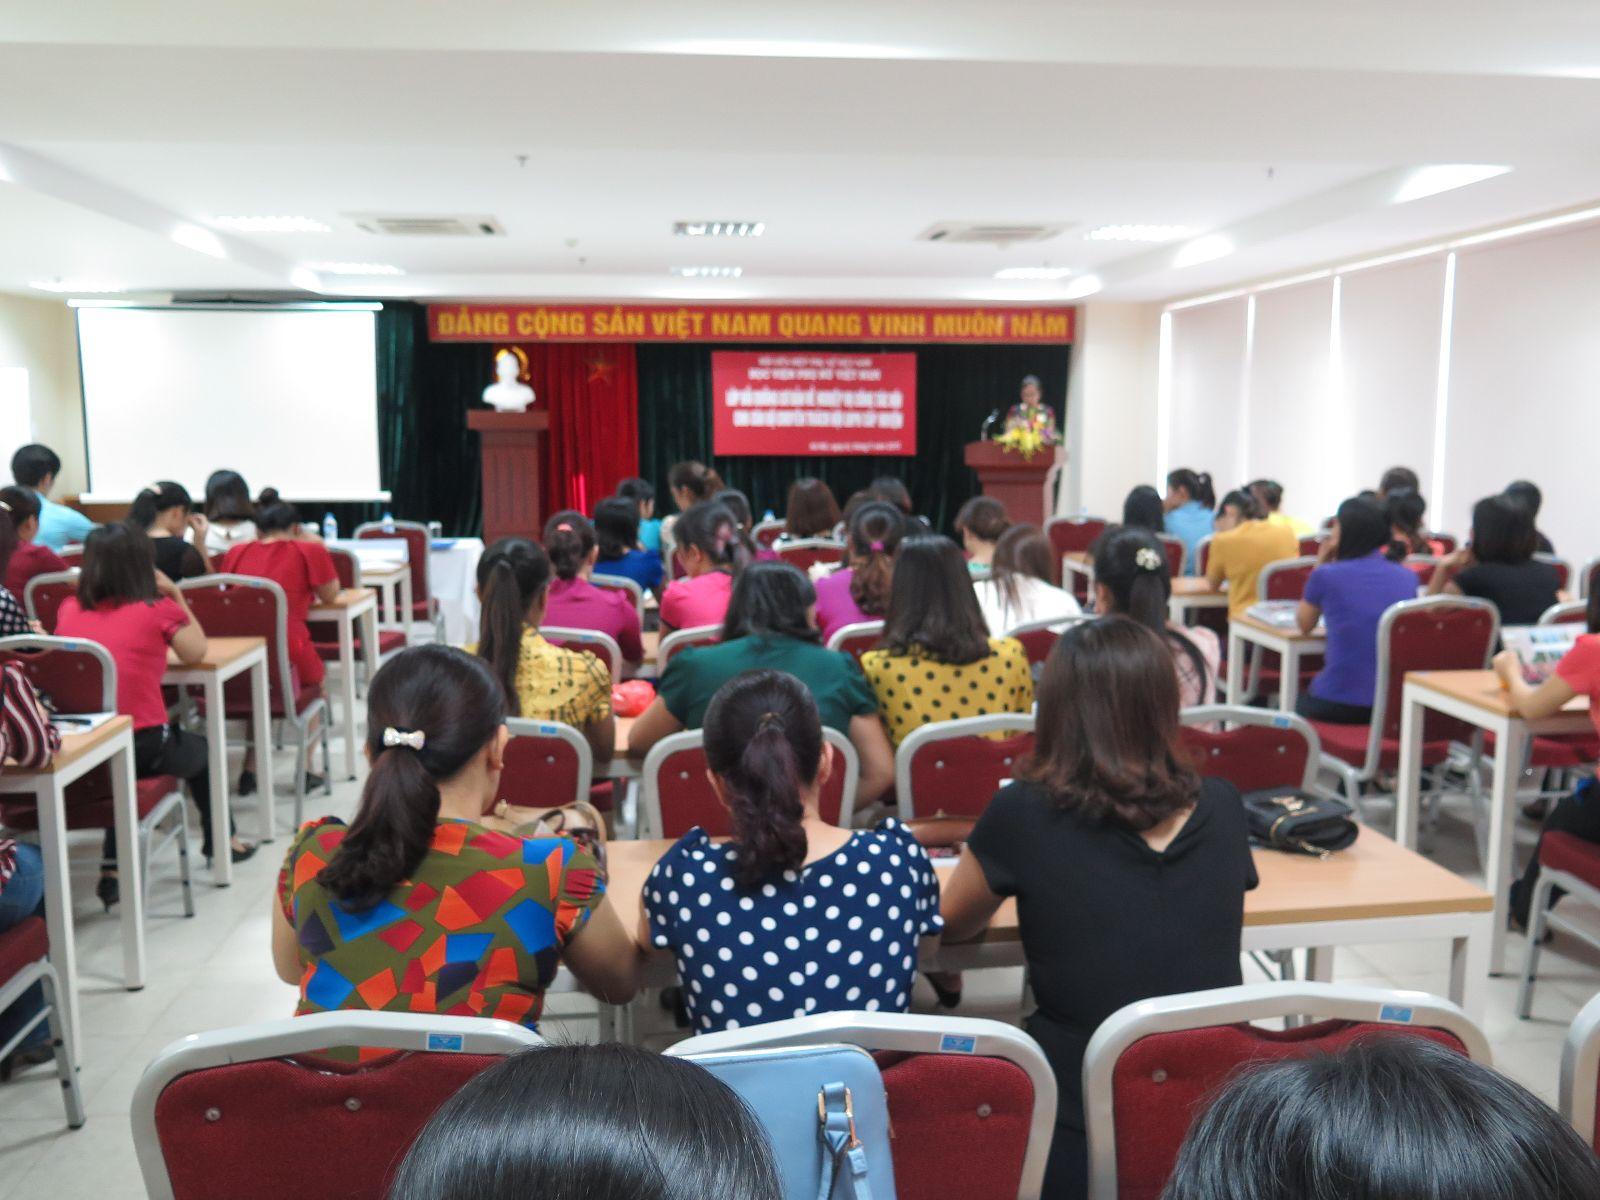 Bế giảng lớp bồi dưỡng cơ bản nghiệp vụ công tác Hội LHPN Việt Nam cho cán bộ cấp Huyện